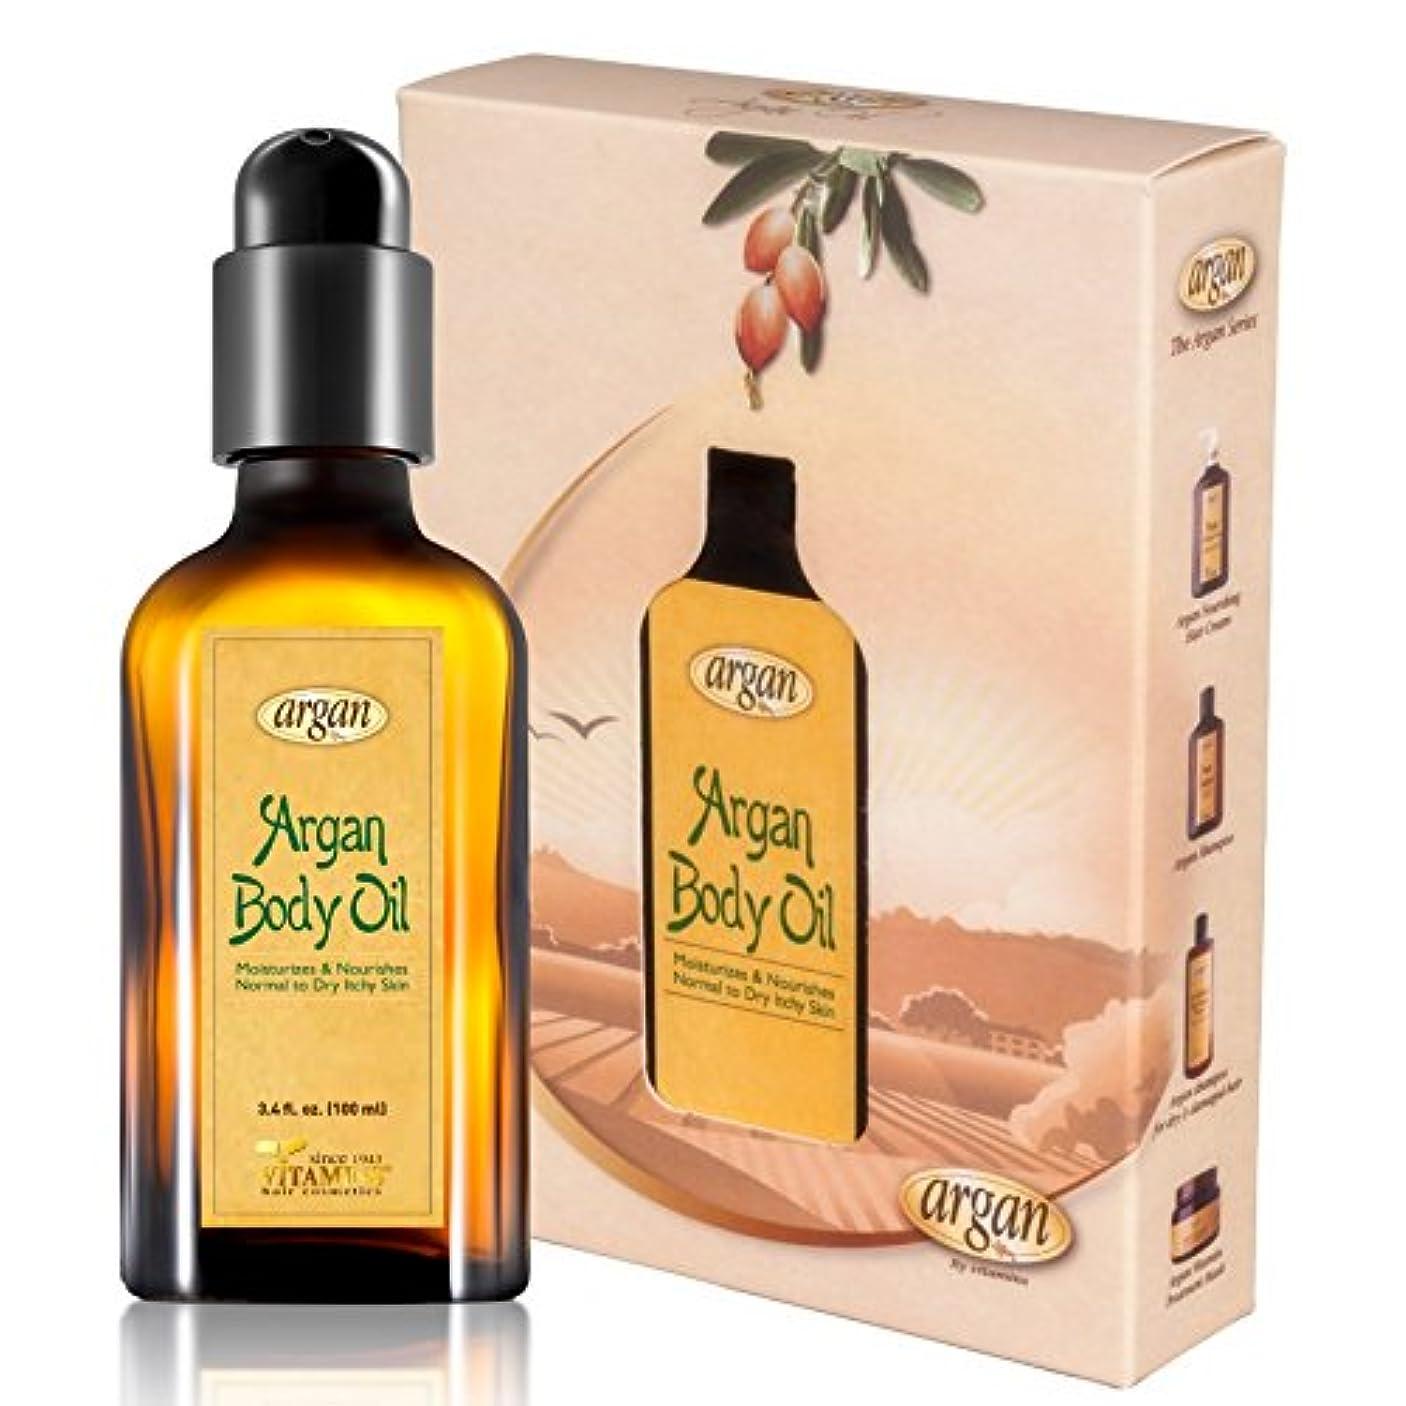 ドライオート陽気なArgan Body Oil 3.4 fl.oz. 100 ml